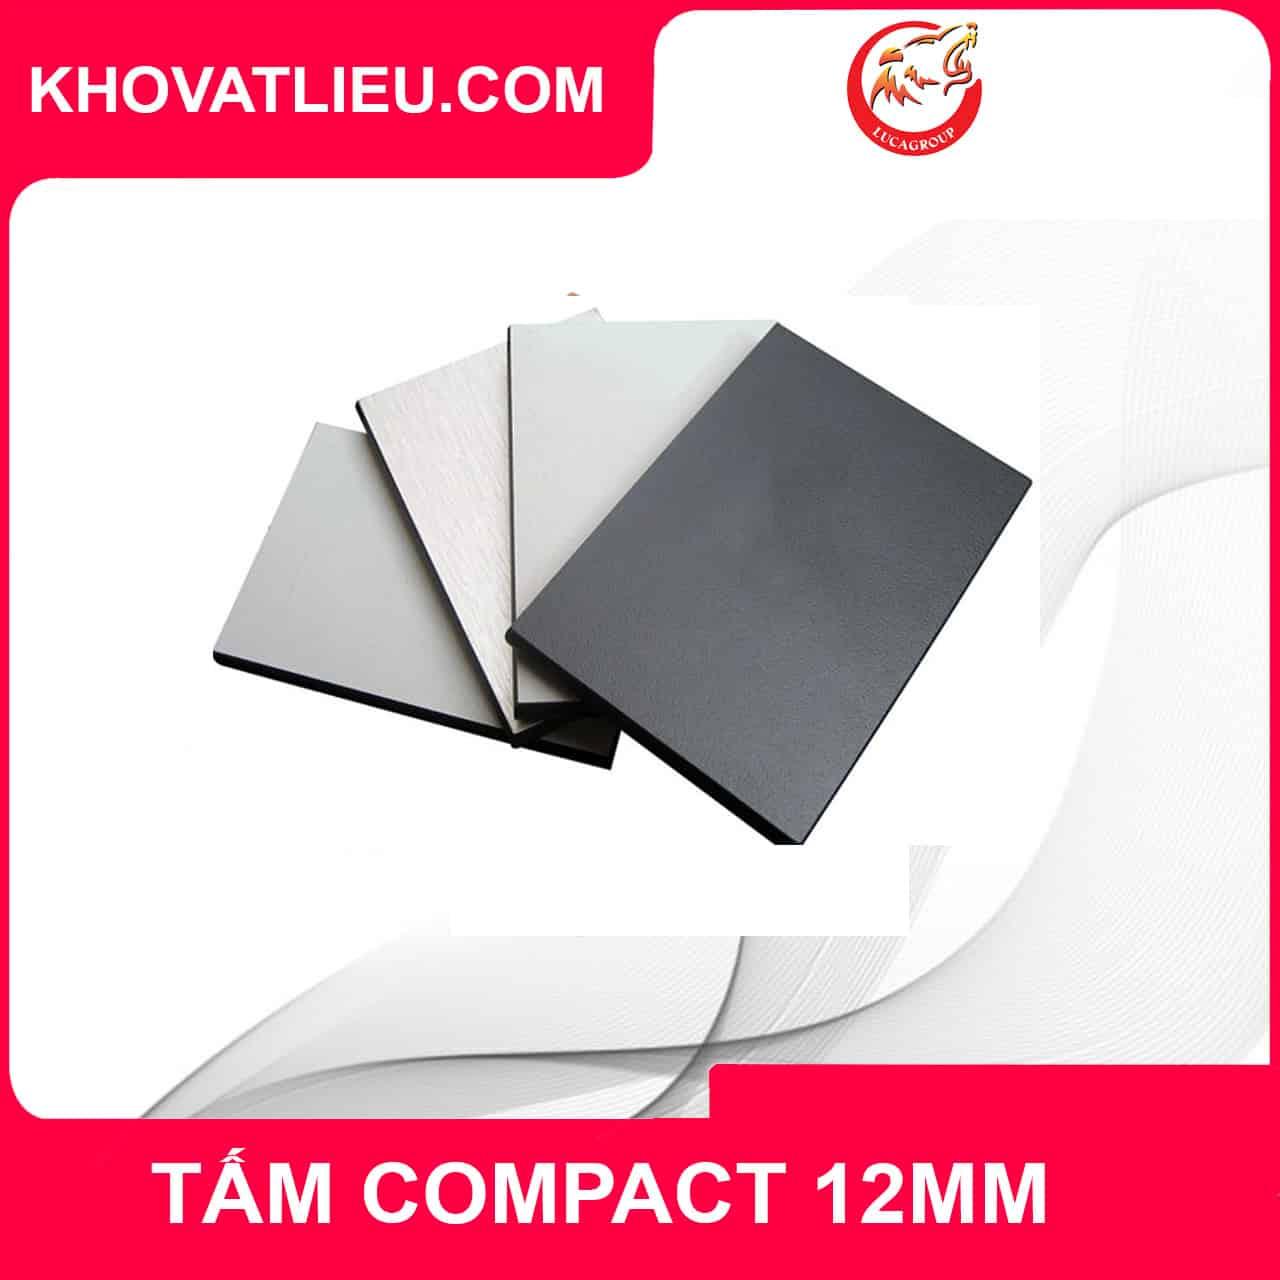 Tấm compact HPL 12mm